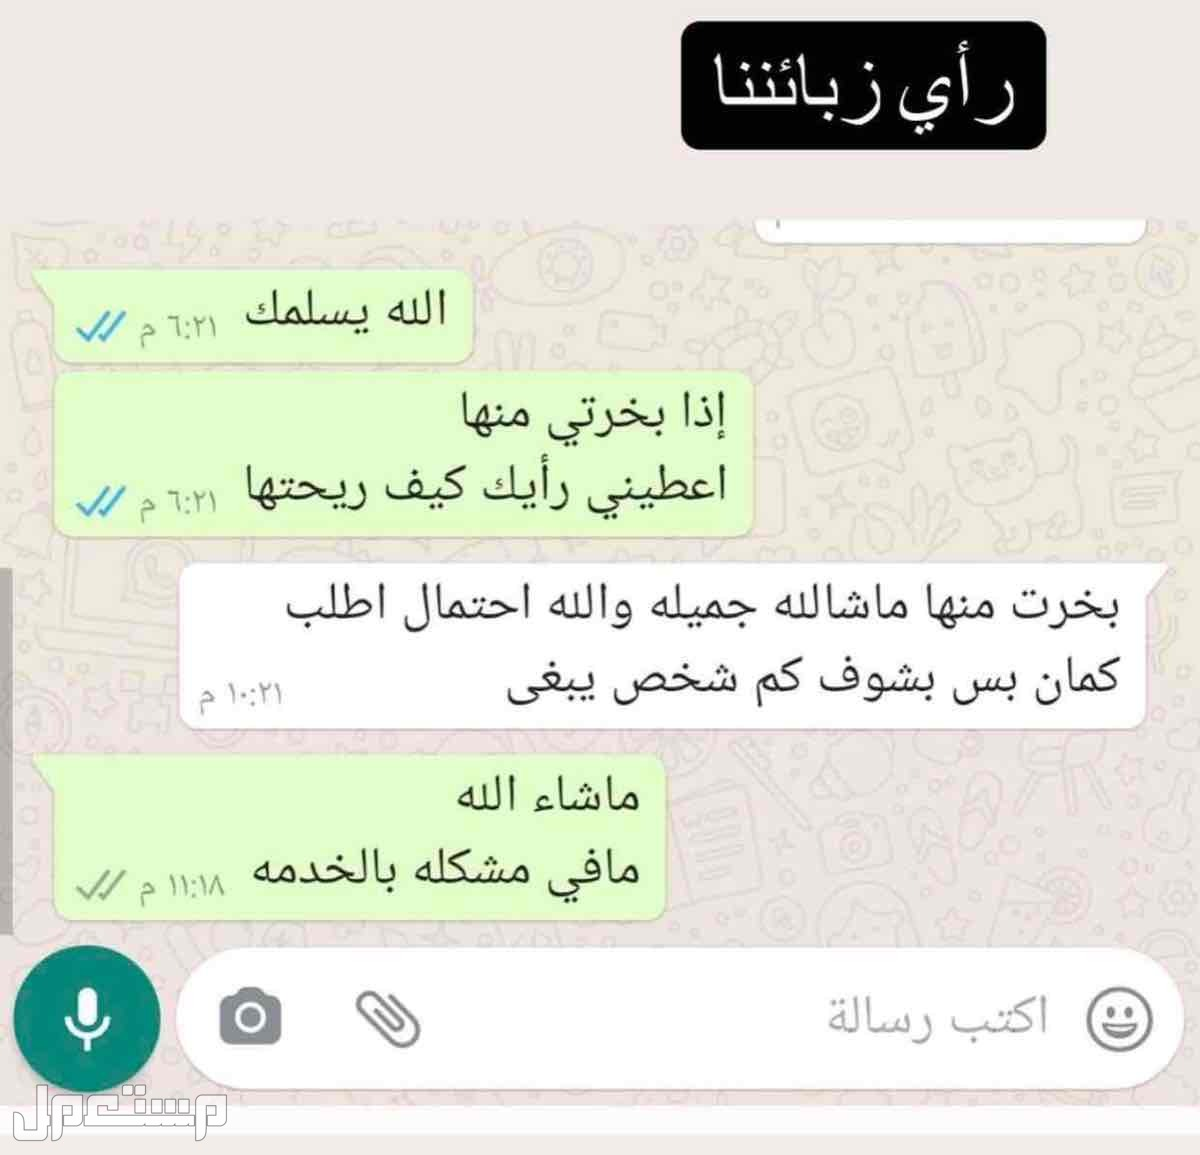 عود موروكي طبيعي محسن